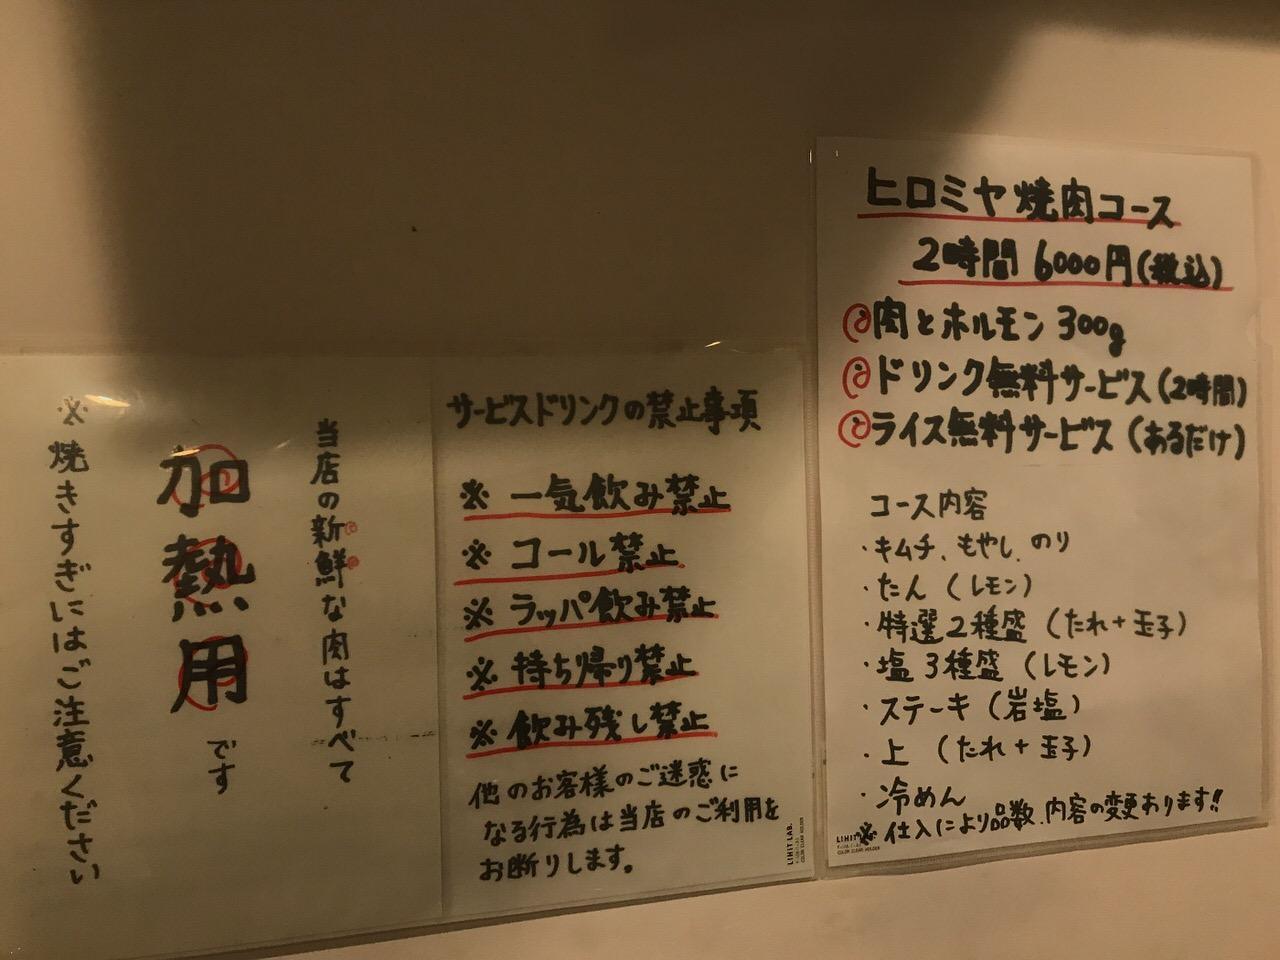 hiromiya-1205202752.jpg